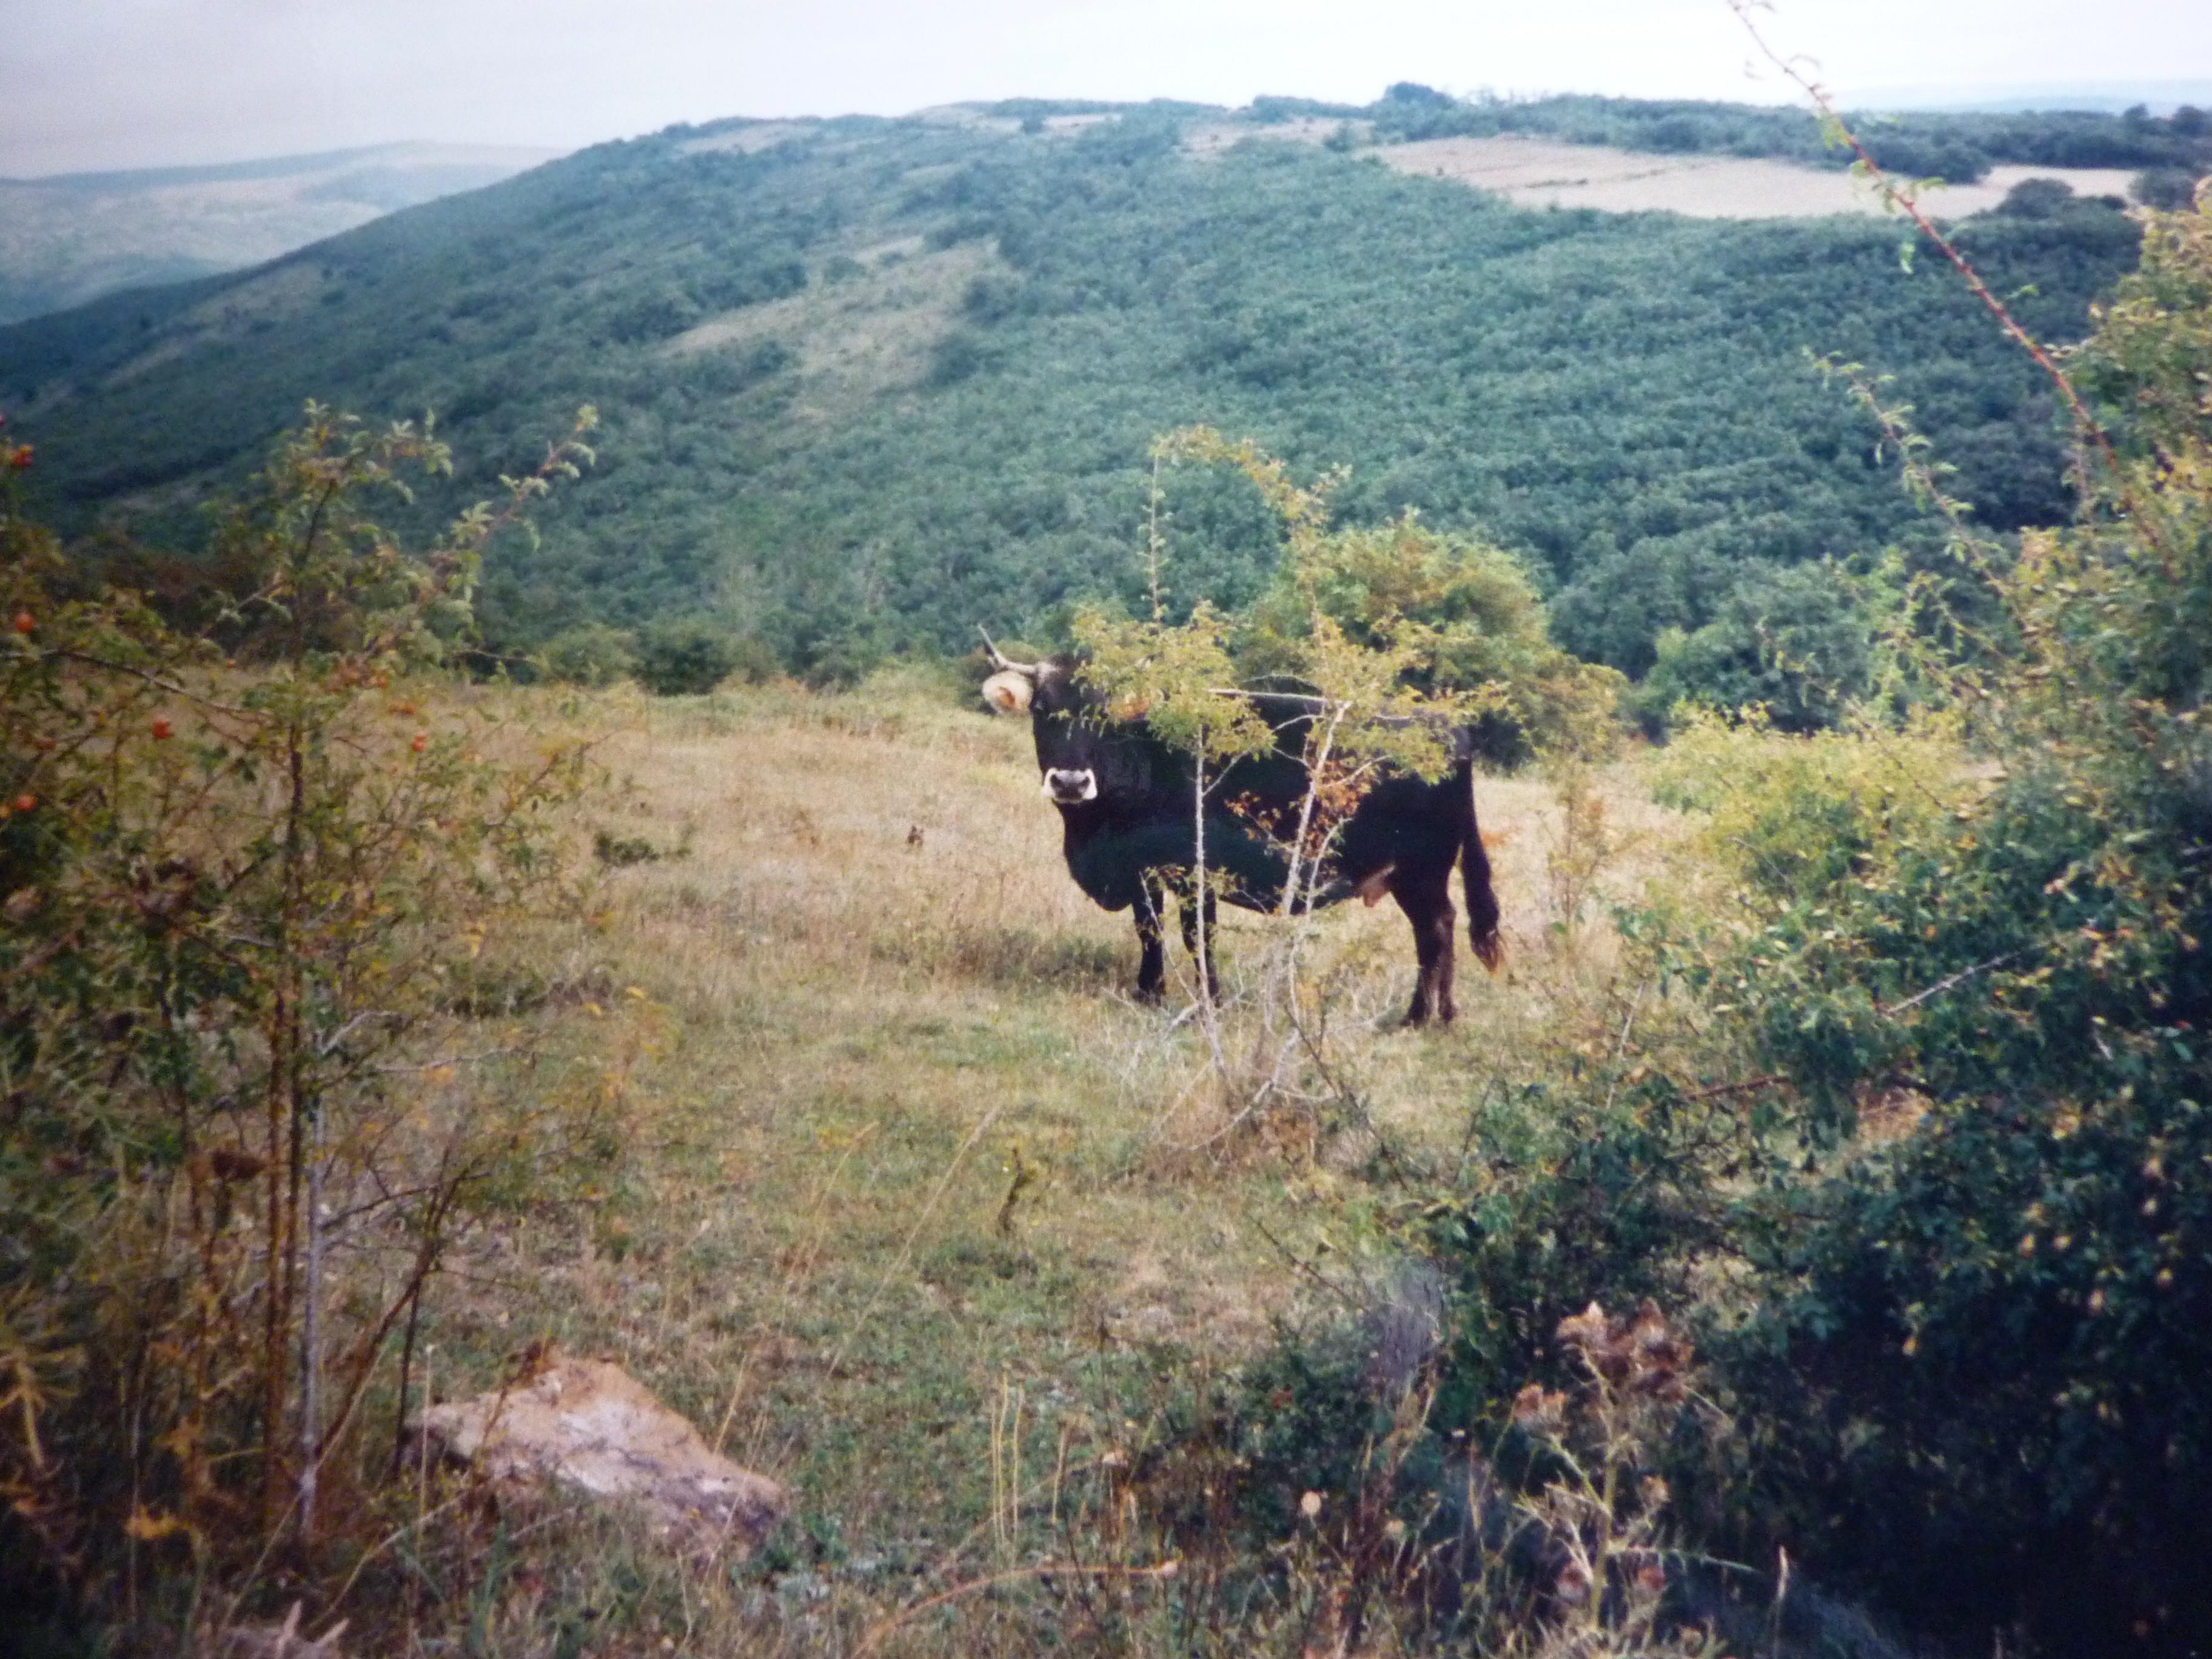 https://navamuel.es/images/Animales/Vaca.jpg